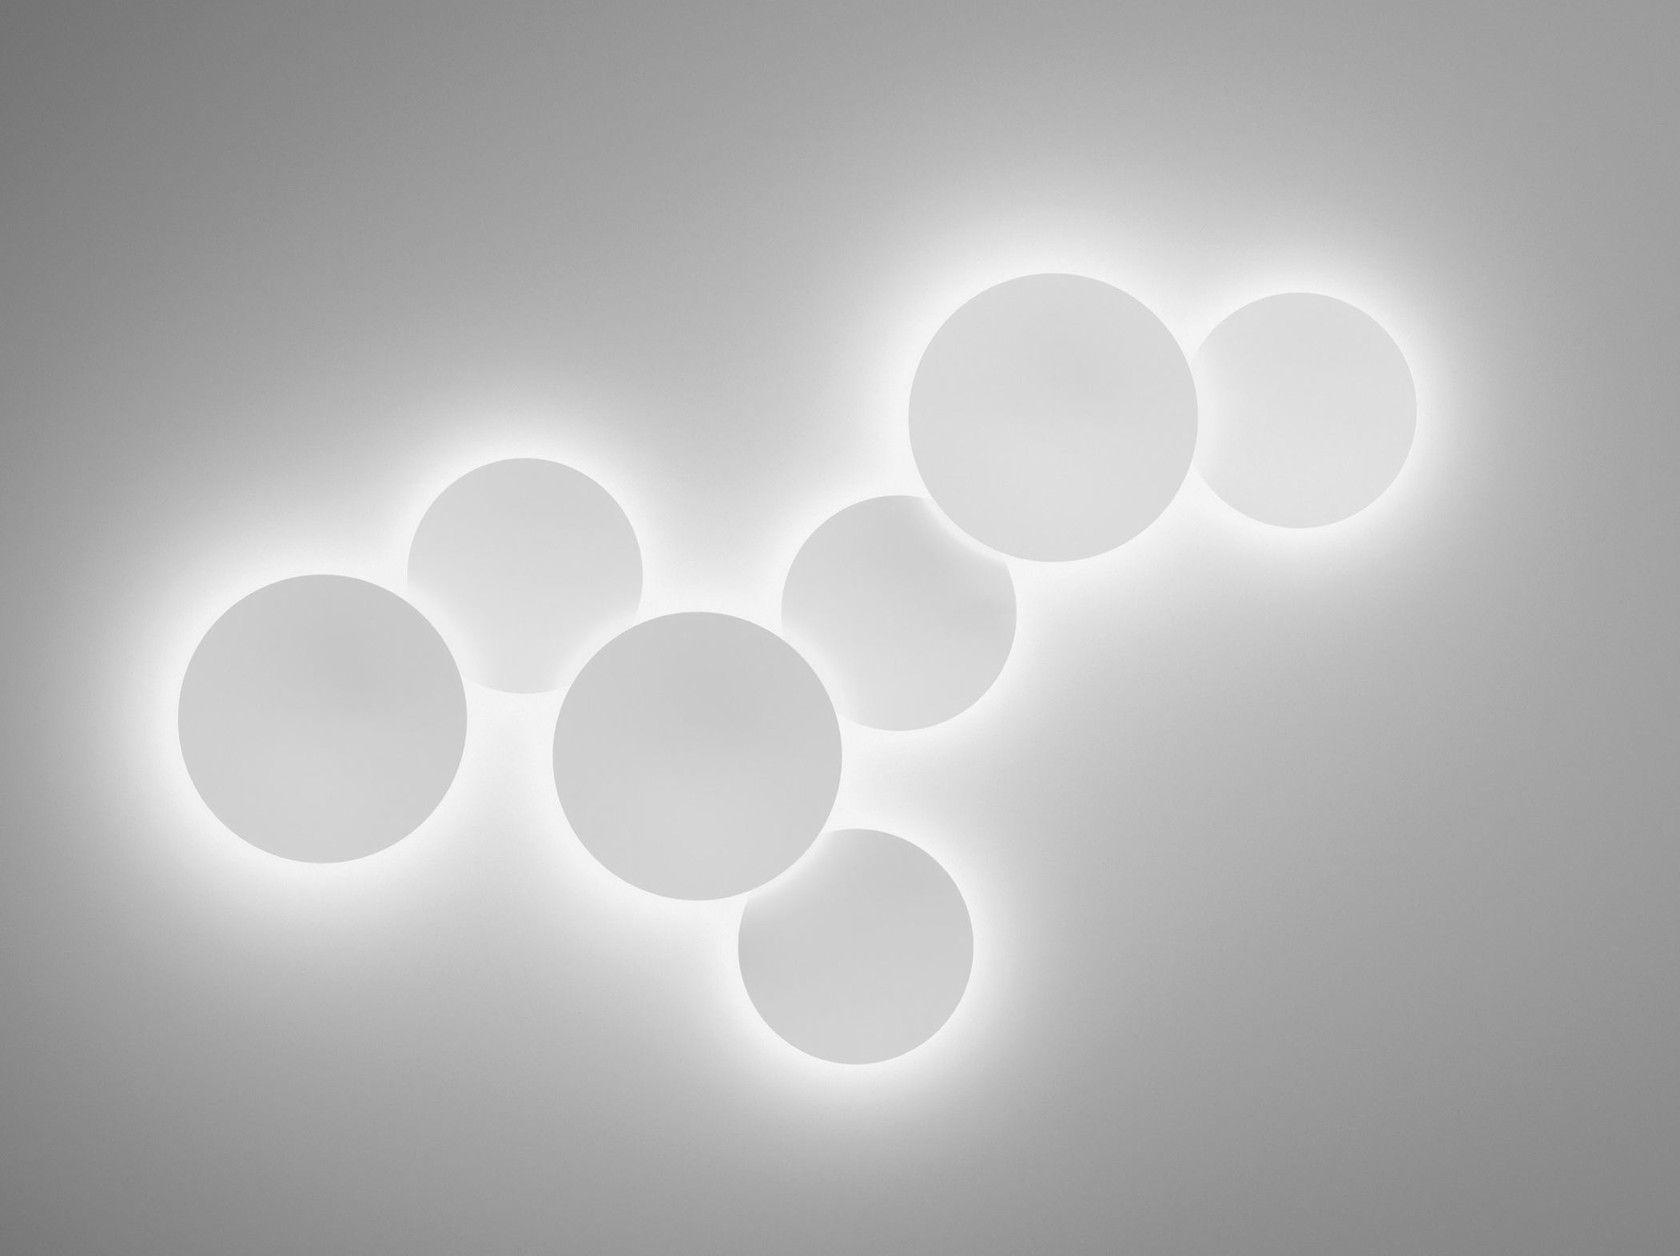 Ihk Arnsberg Beleuchtungsprojekt Brumberg Lichtkonzept Beleuchtung Licht